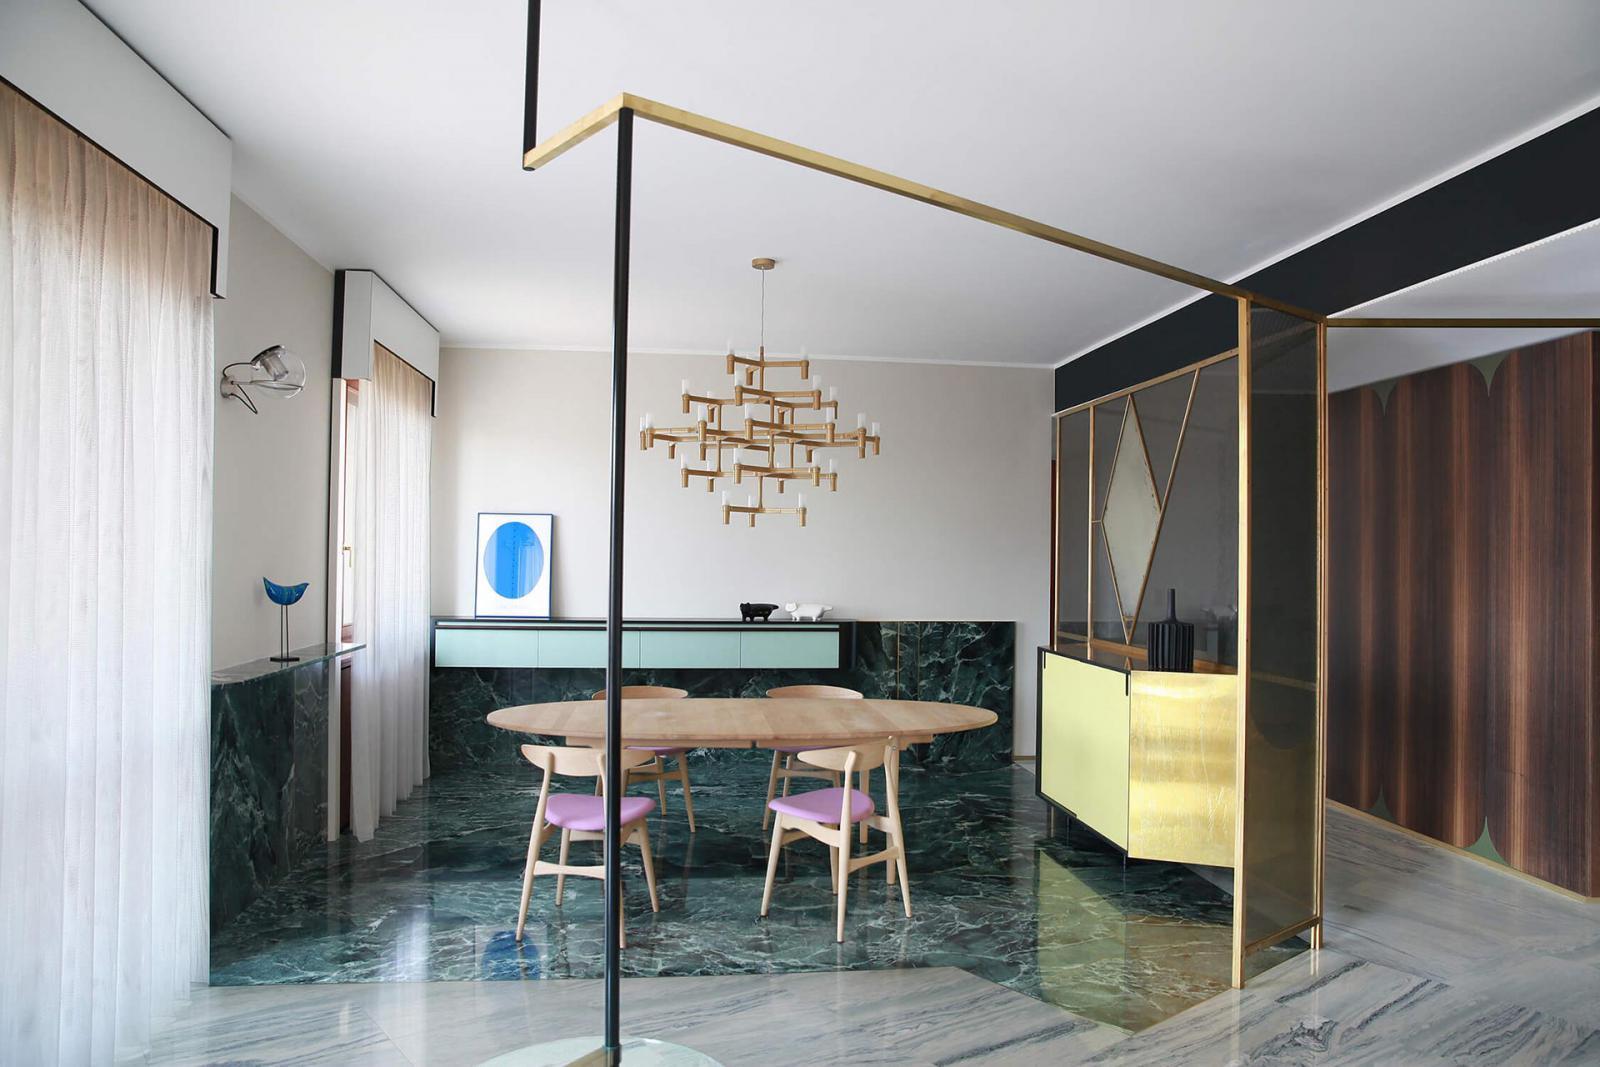 Мрамор и латунь в миланских апартаментах по проекту Marcante-Testa